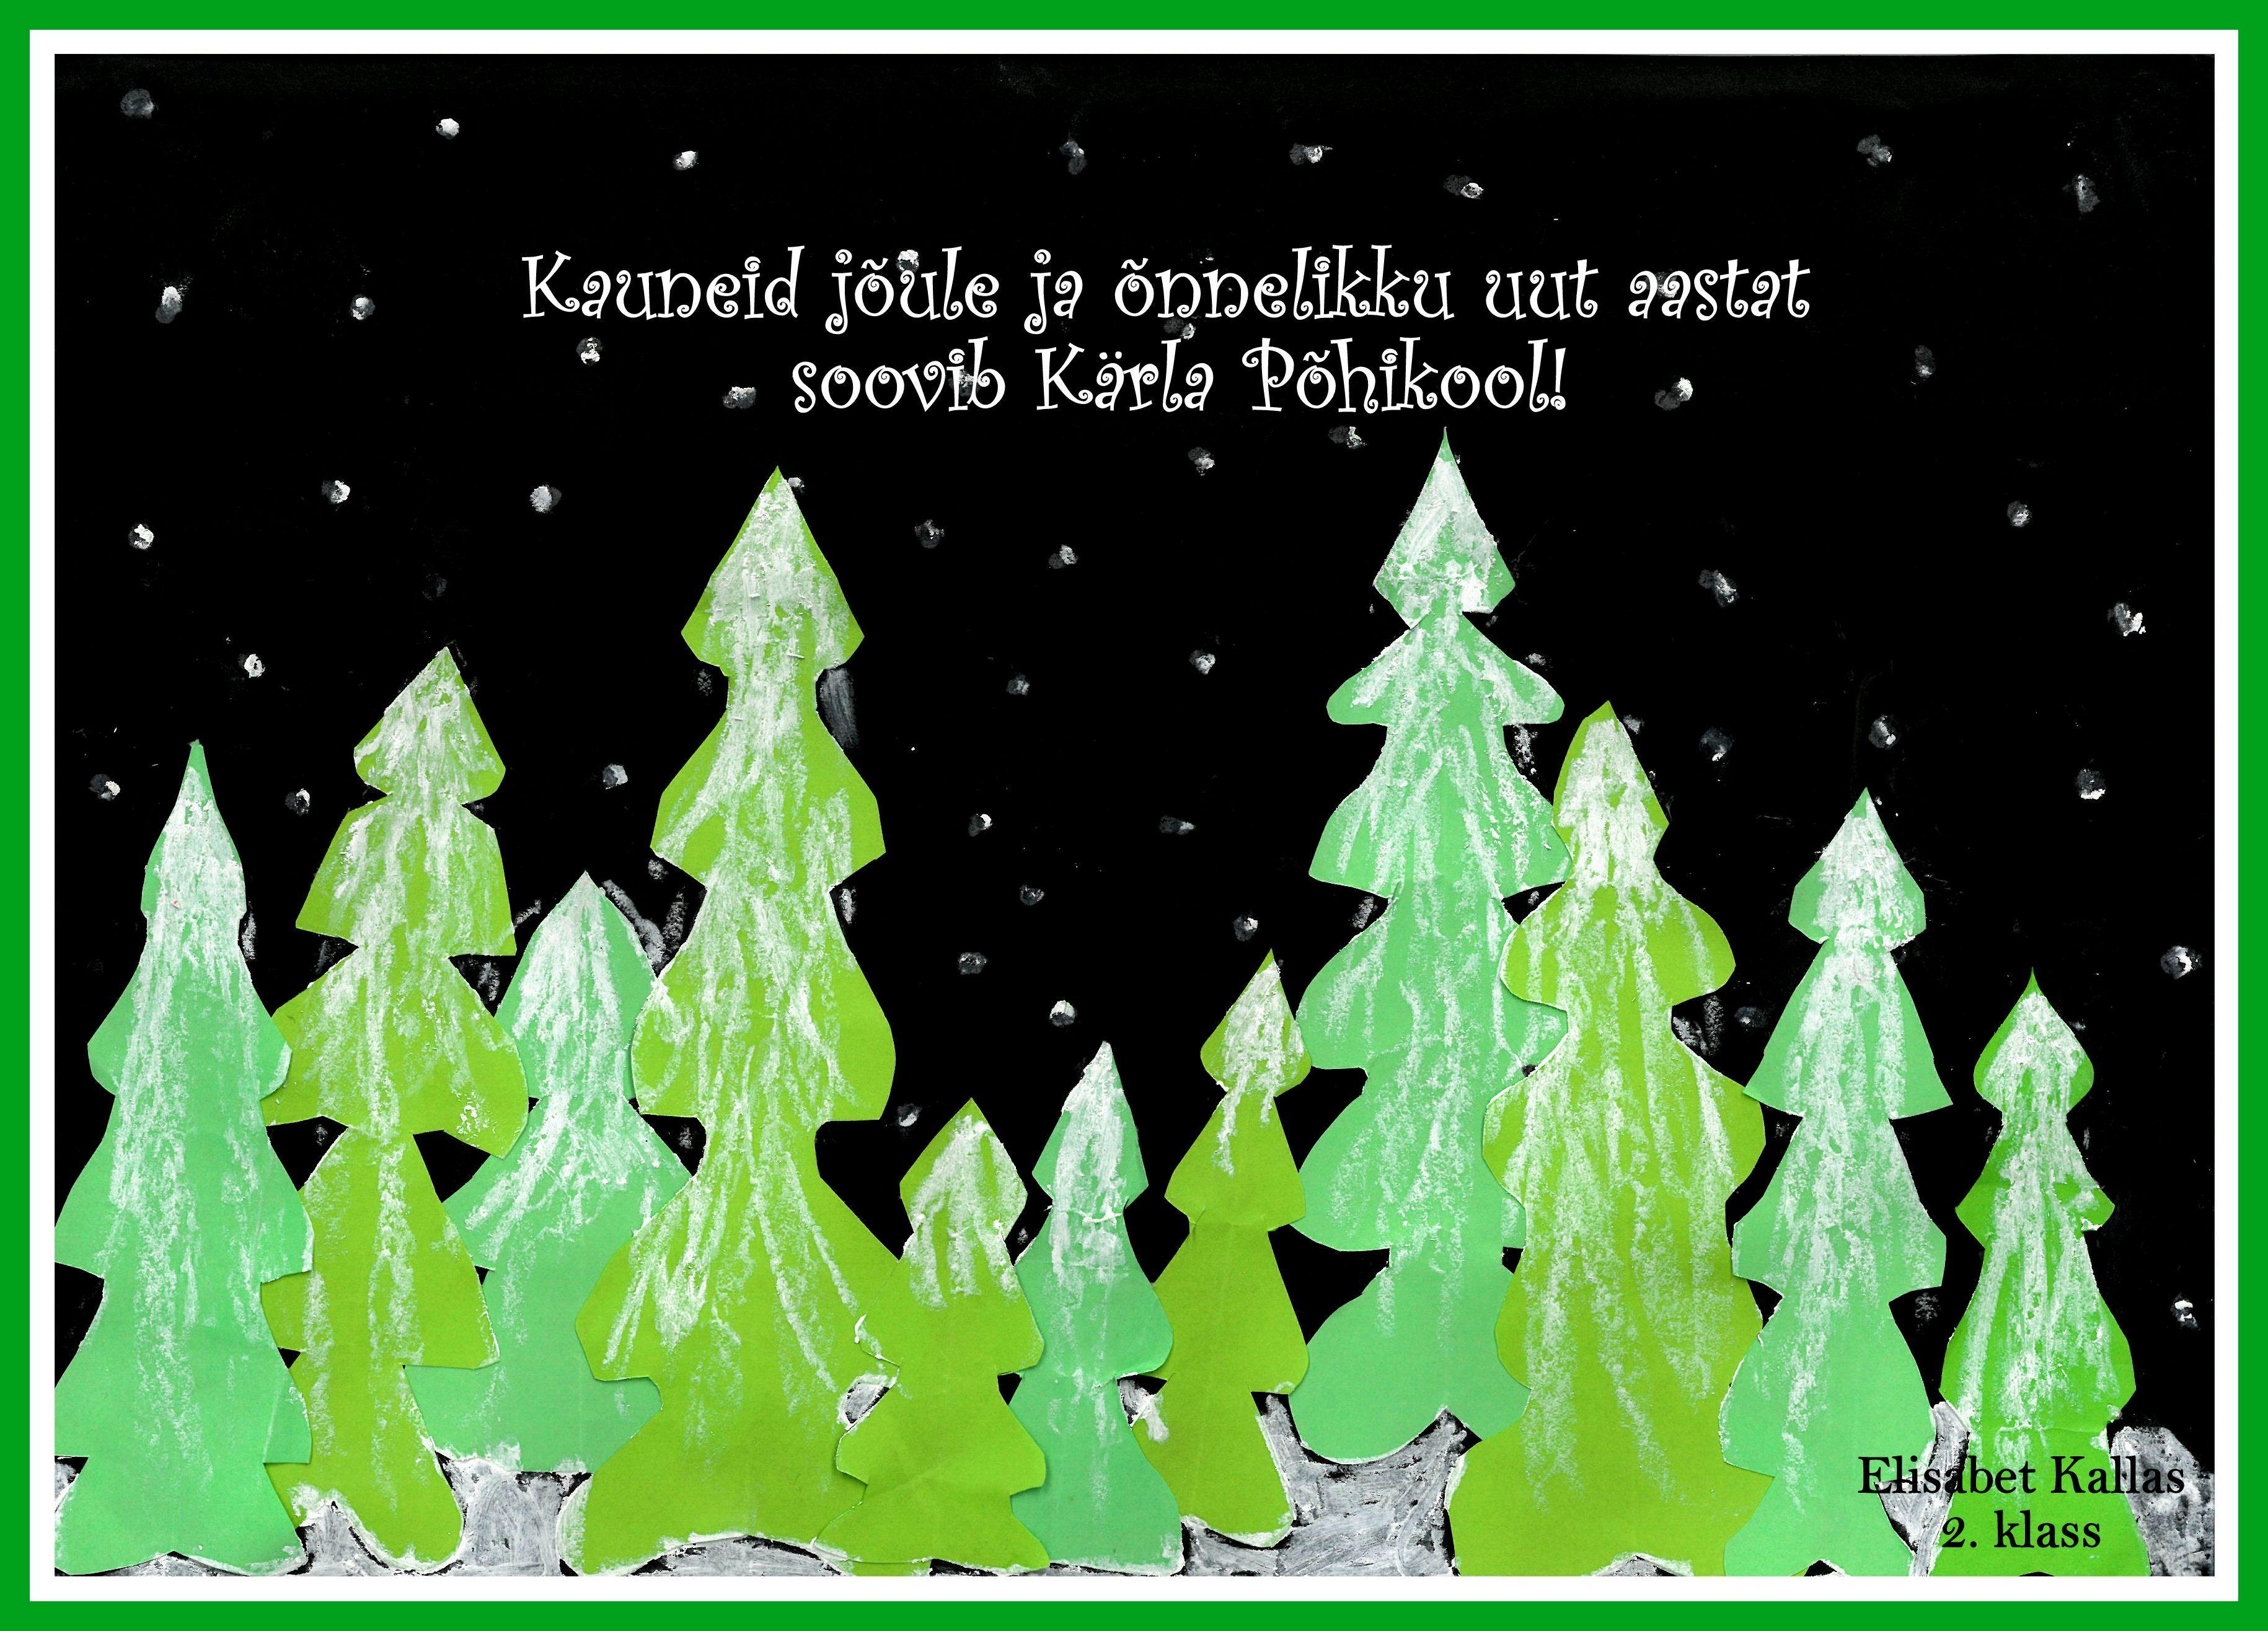 Jõulupostkaart. Õpilastöö: Elisabet Kallas 2. kl